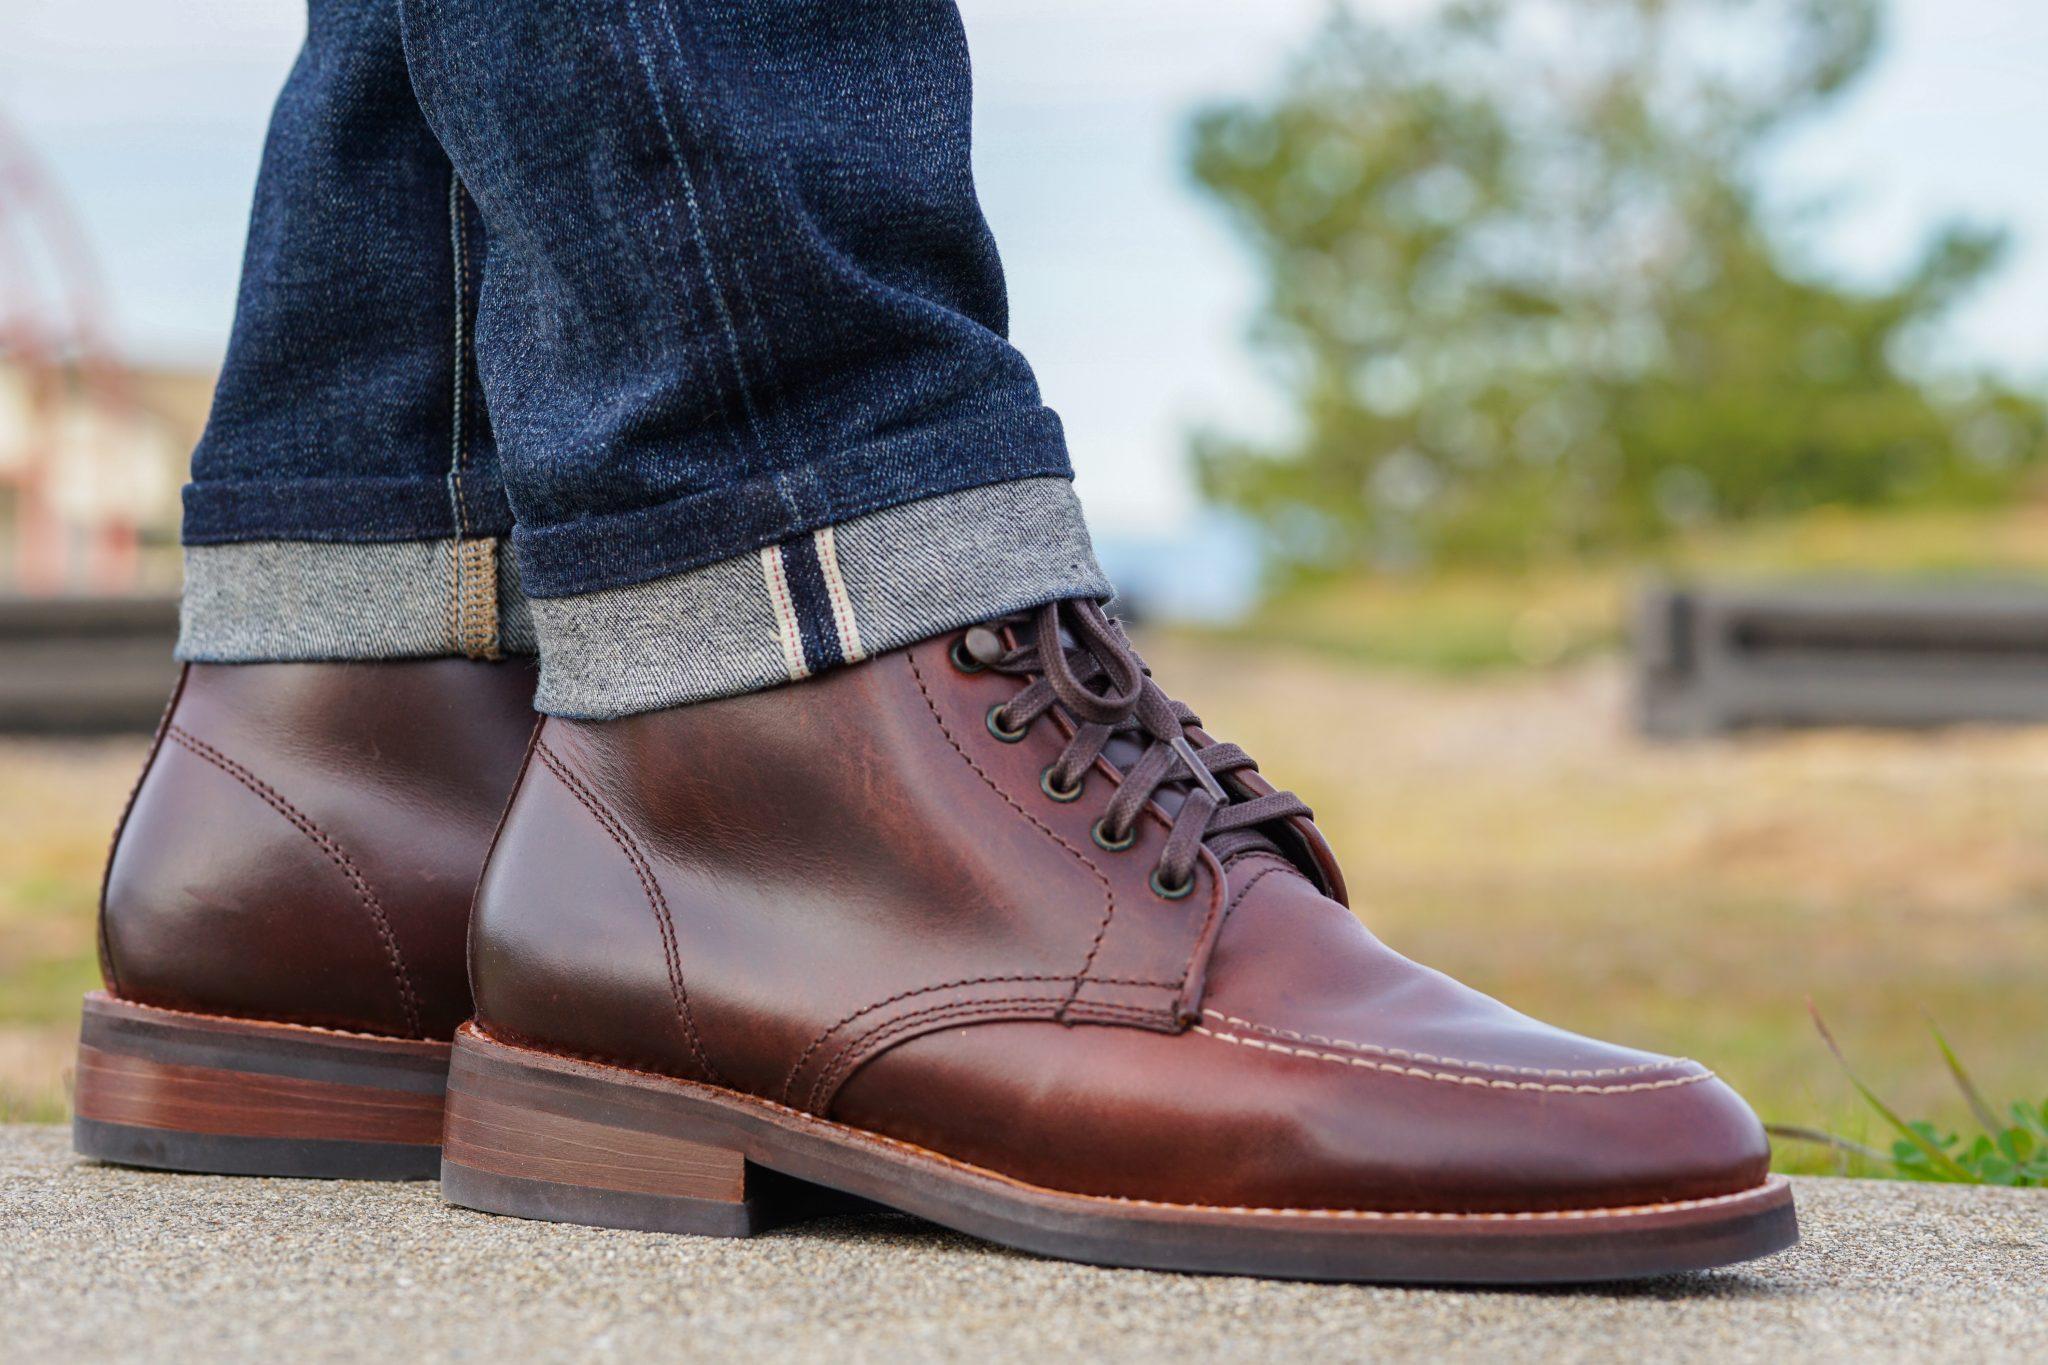 Dapper Advisor Akil McLeod Brown Diplomat Thursday Boots selvedge denim jeans